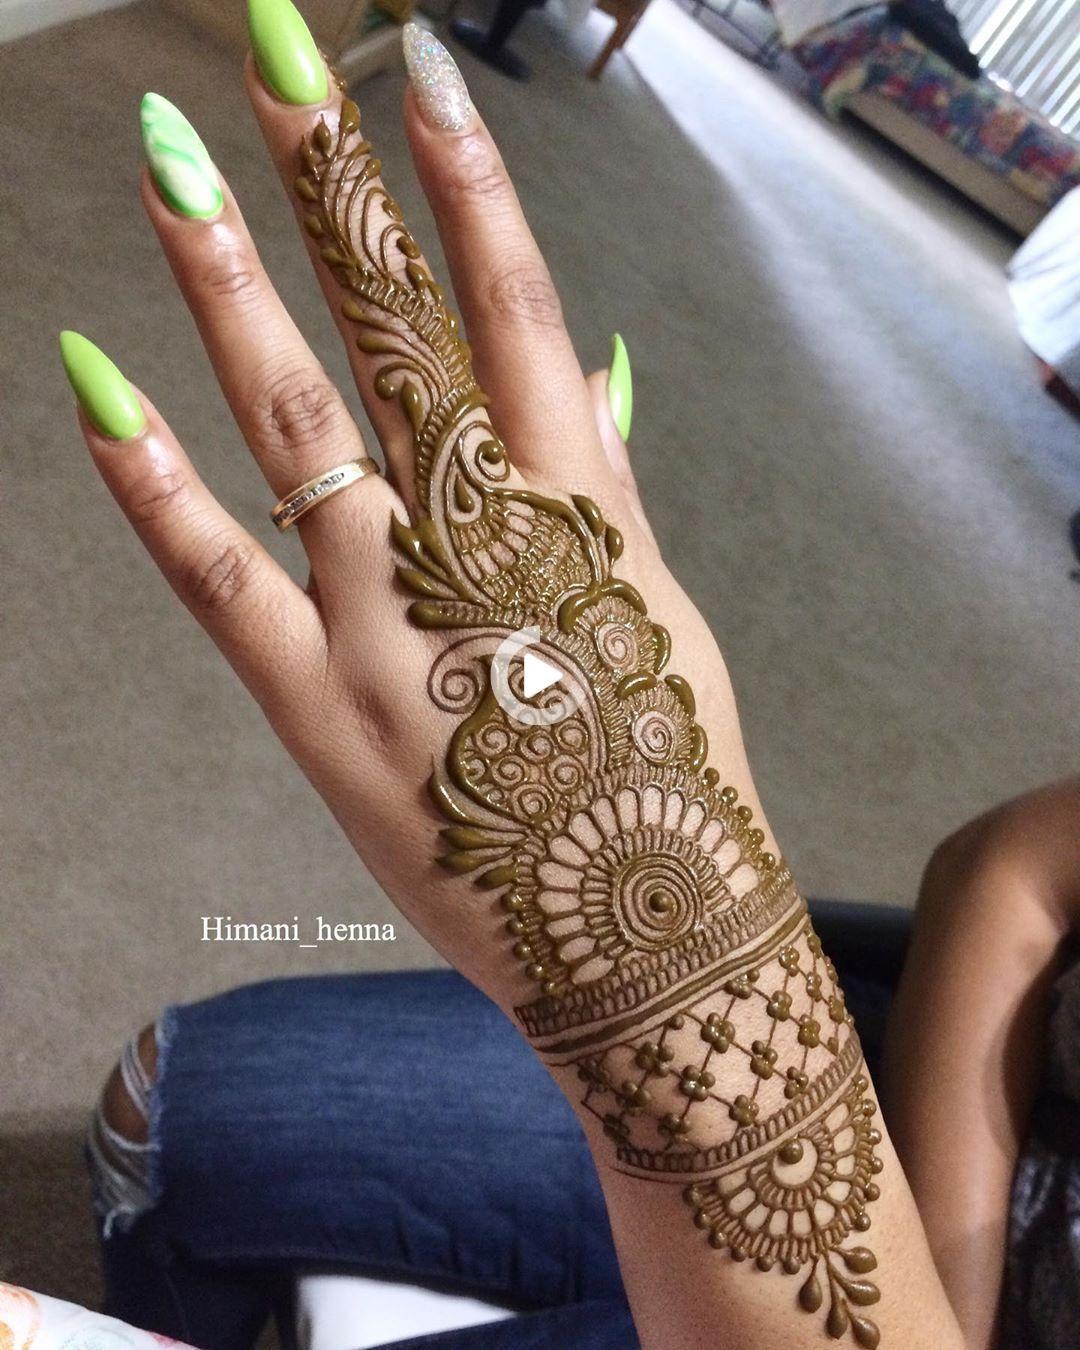 Aprenda Maquiagem Profissional Pela Internet Clique Aqui E Assista In 2021 Latest Bridal Mehndi Designs Simple Arabic Mehndi Designs Henna Designs